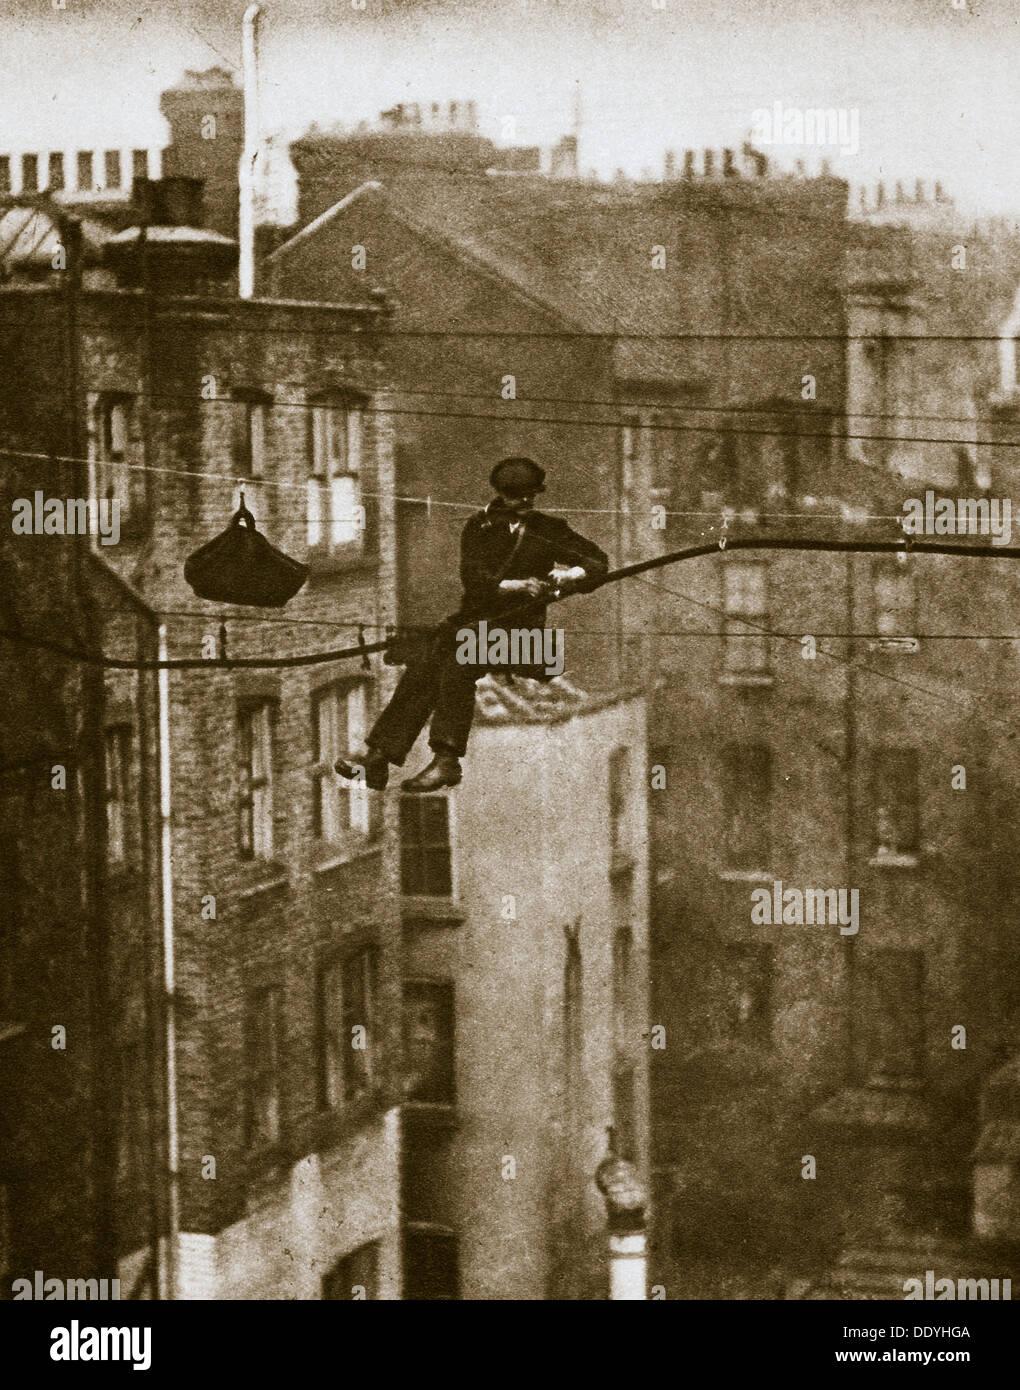 Inspección de un cable telefónico entre el conducto y Maddox calles, siglo XX. Artista: Desconocido Foto de stock